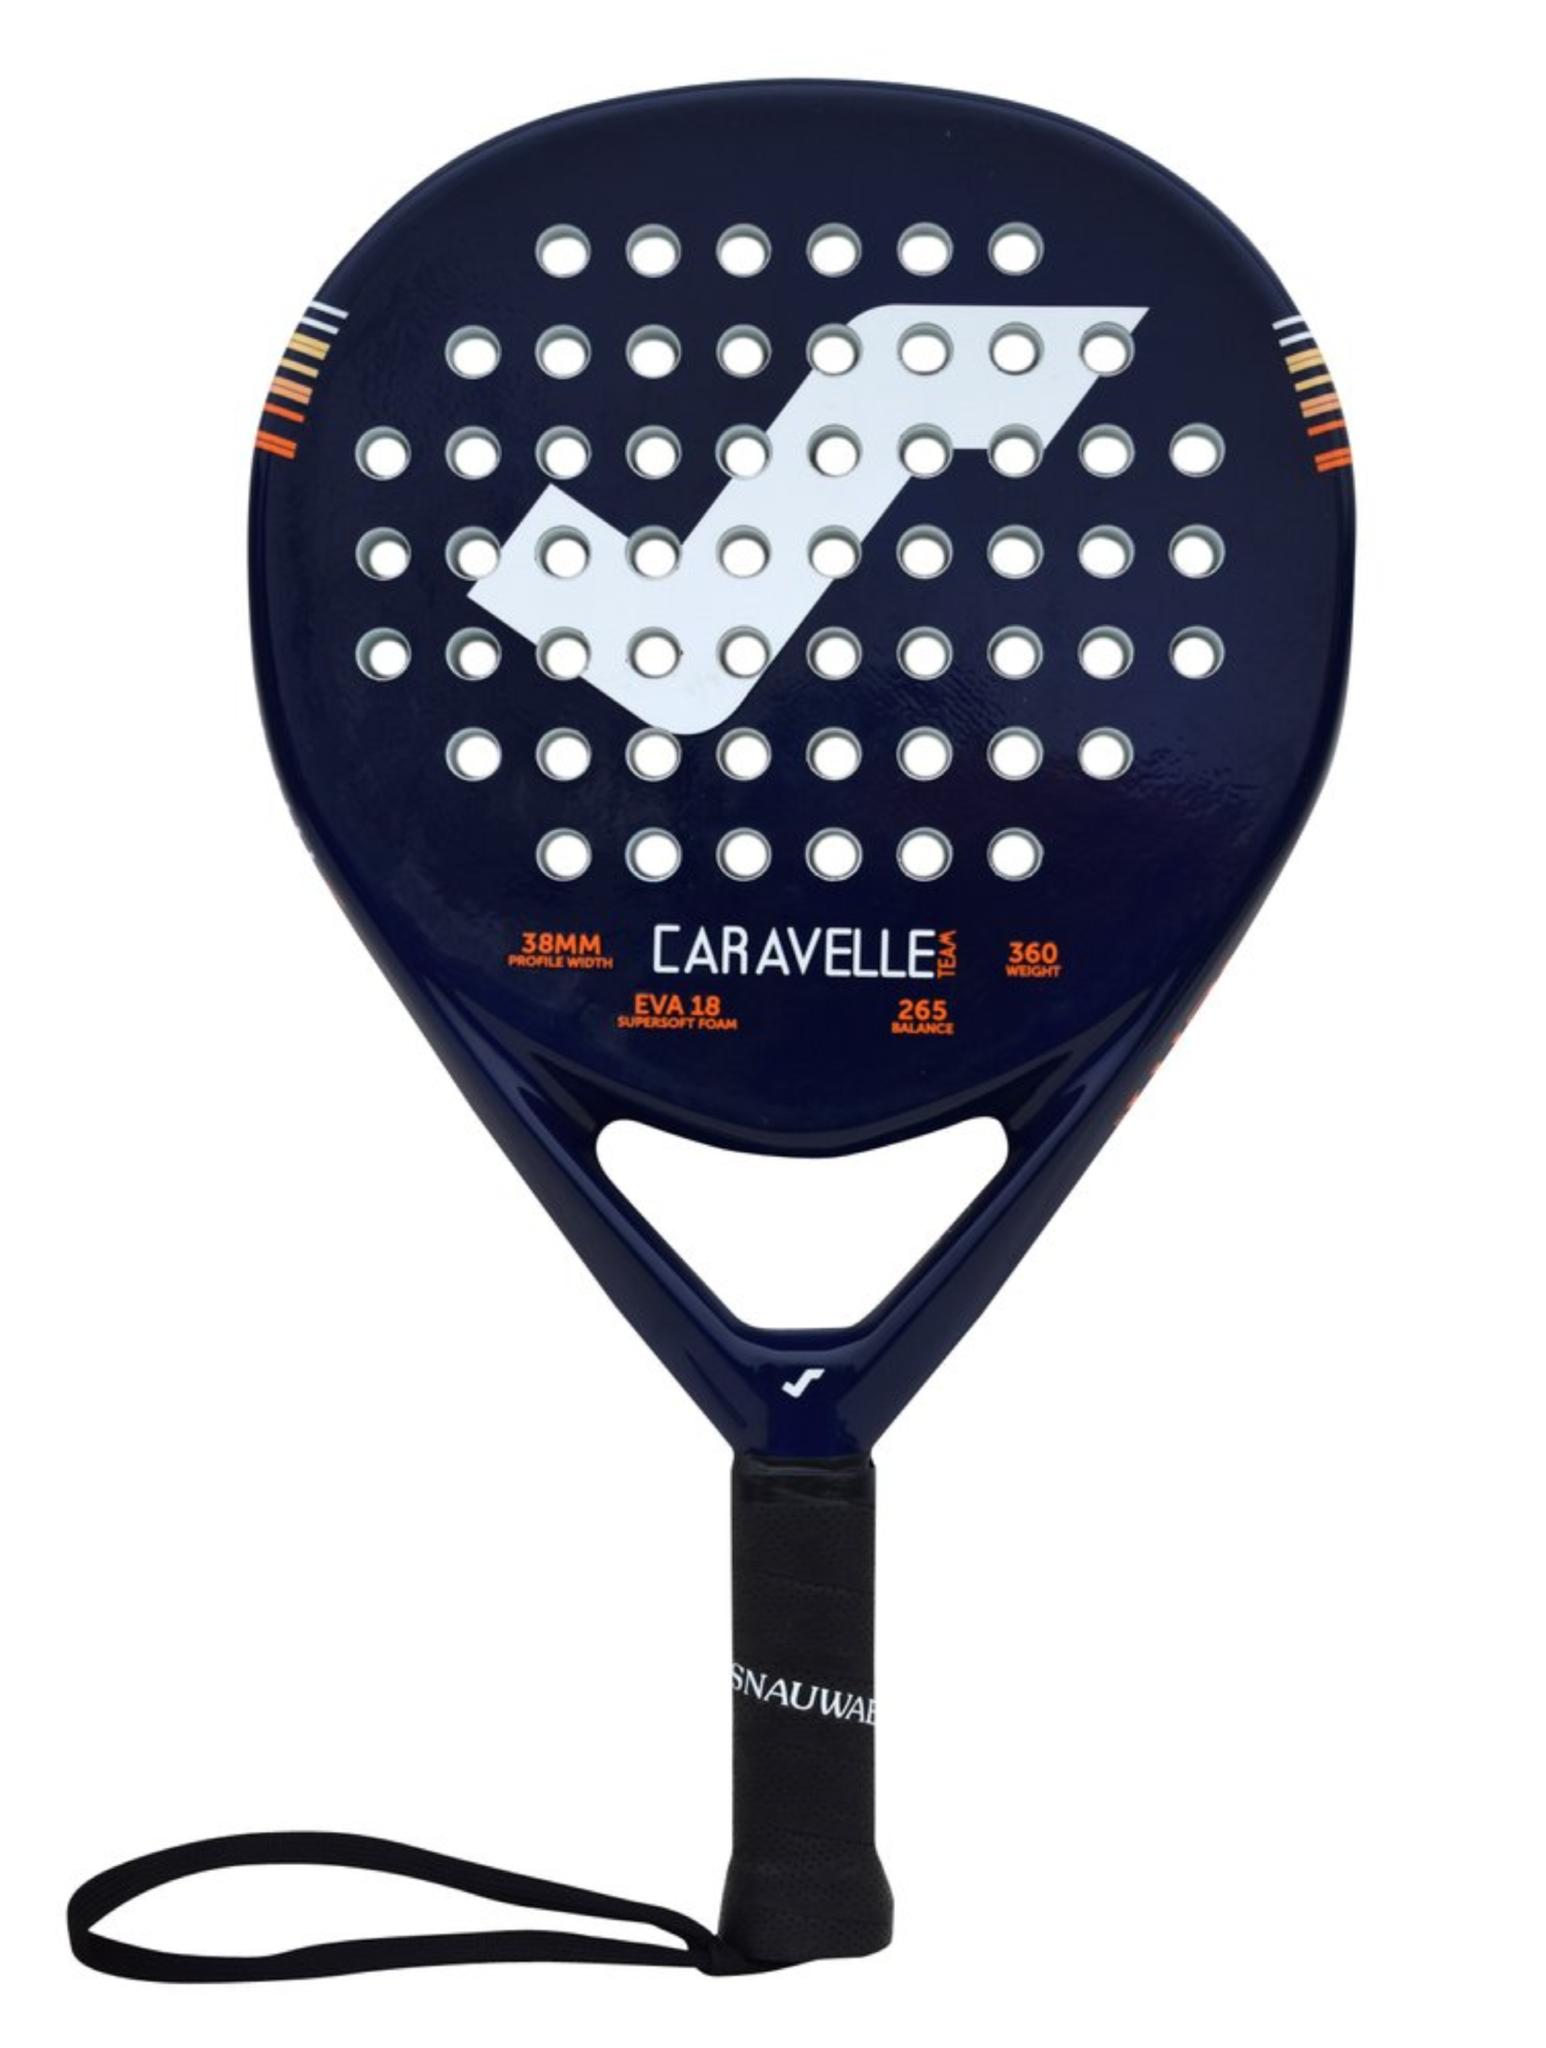 Snauwaert Caravelle-1